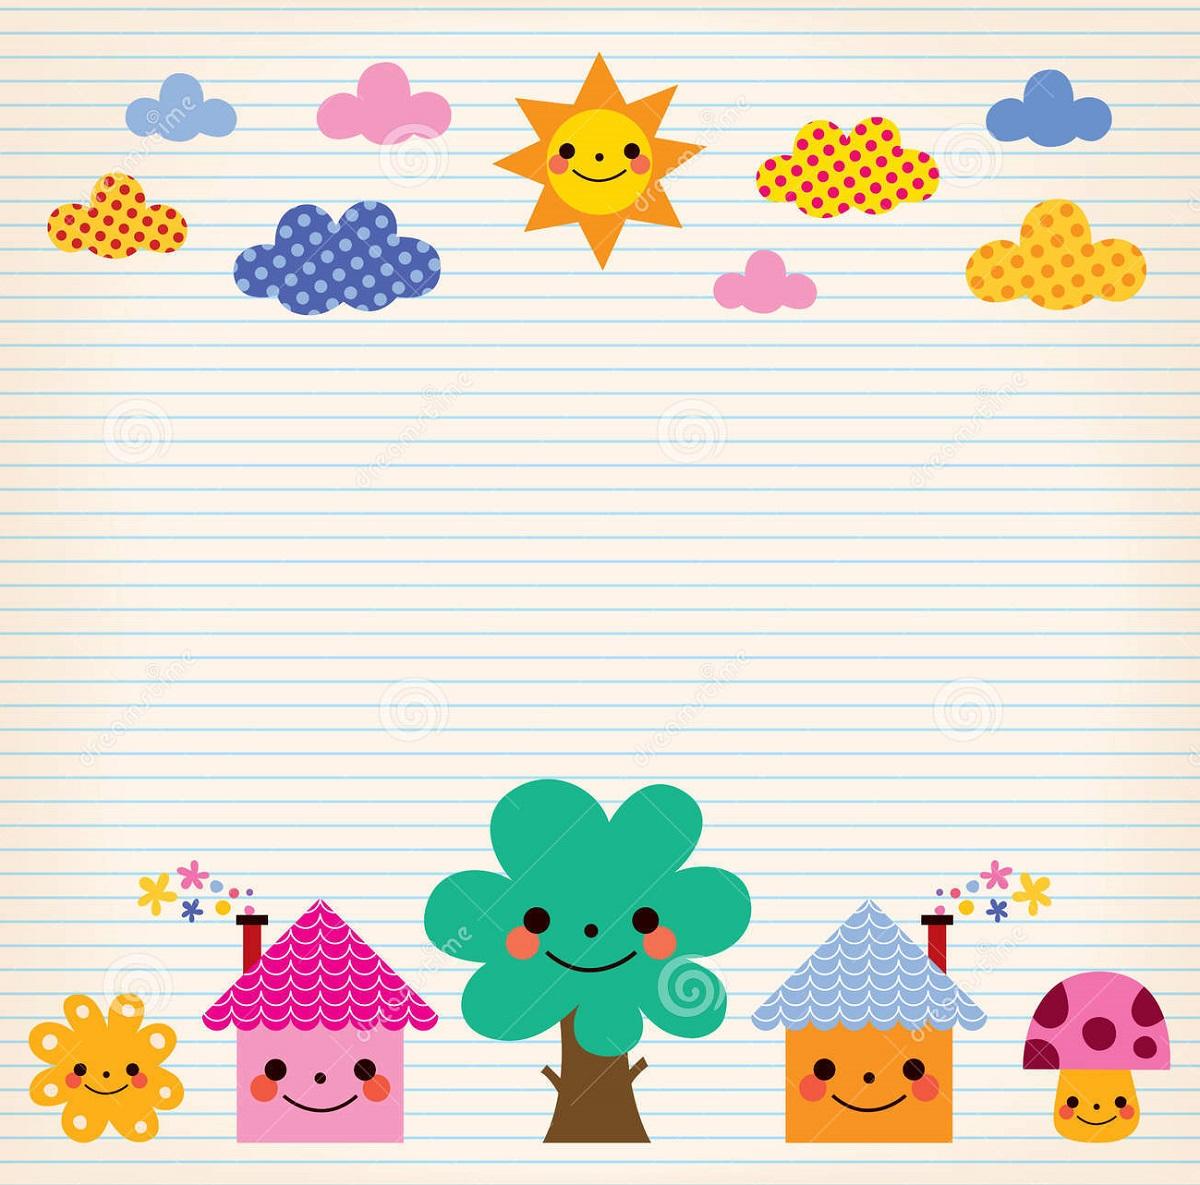 paper template kids fun